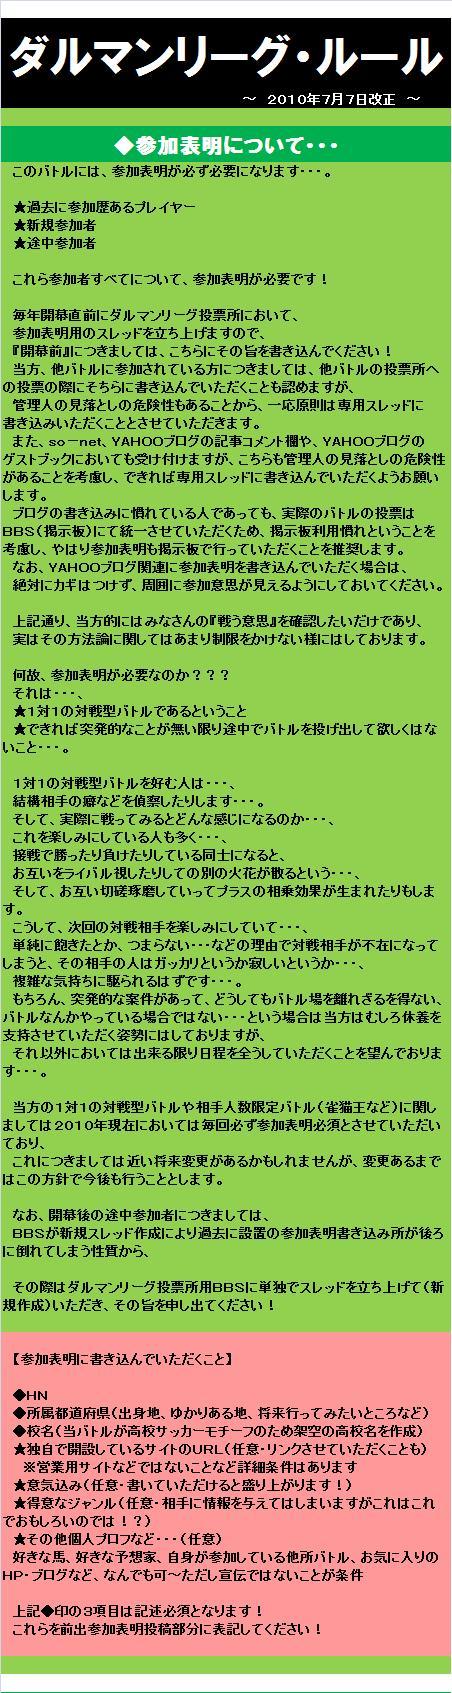 20120506・ダルマンリーグ・ルール②.jpg